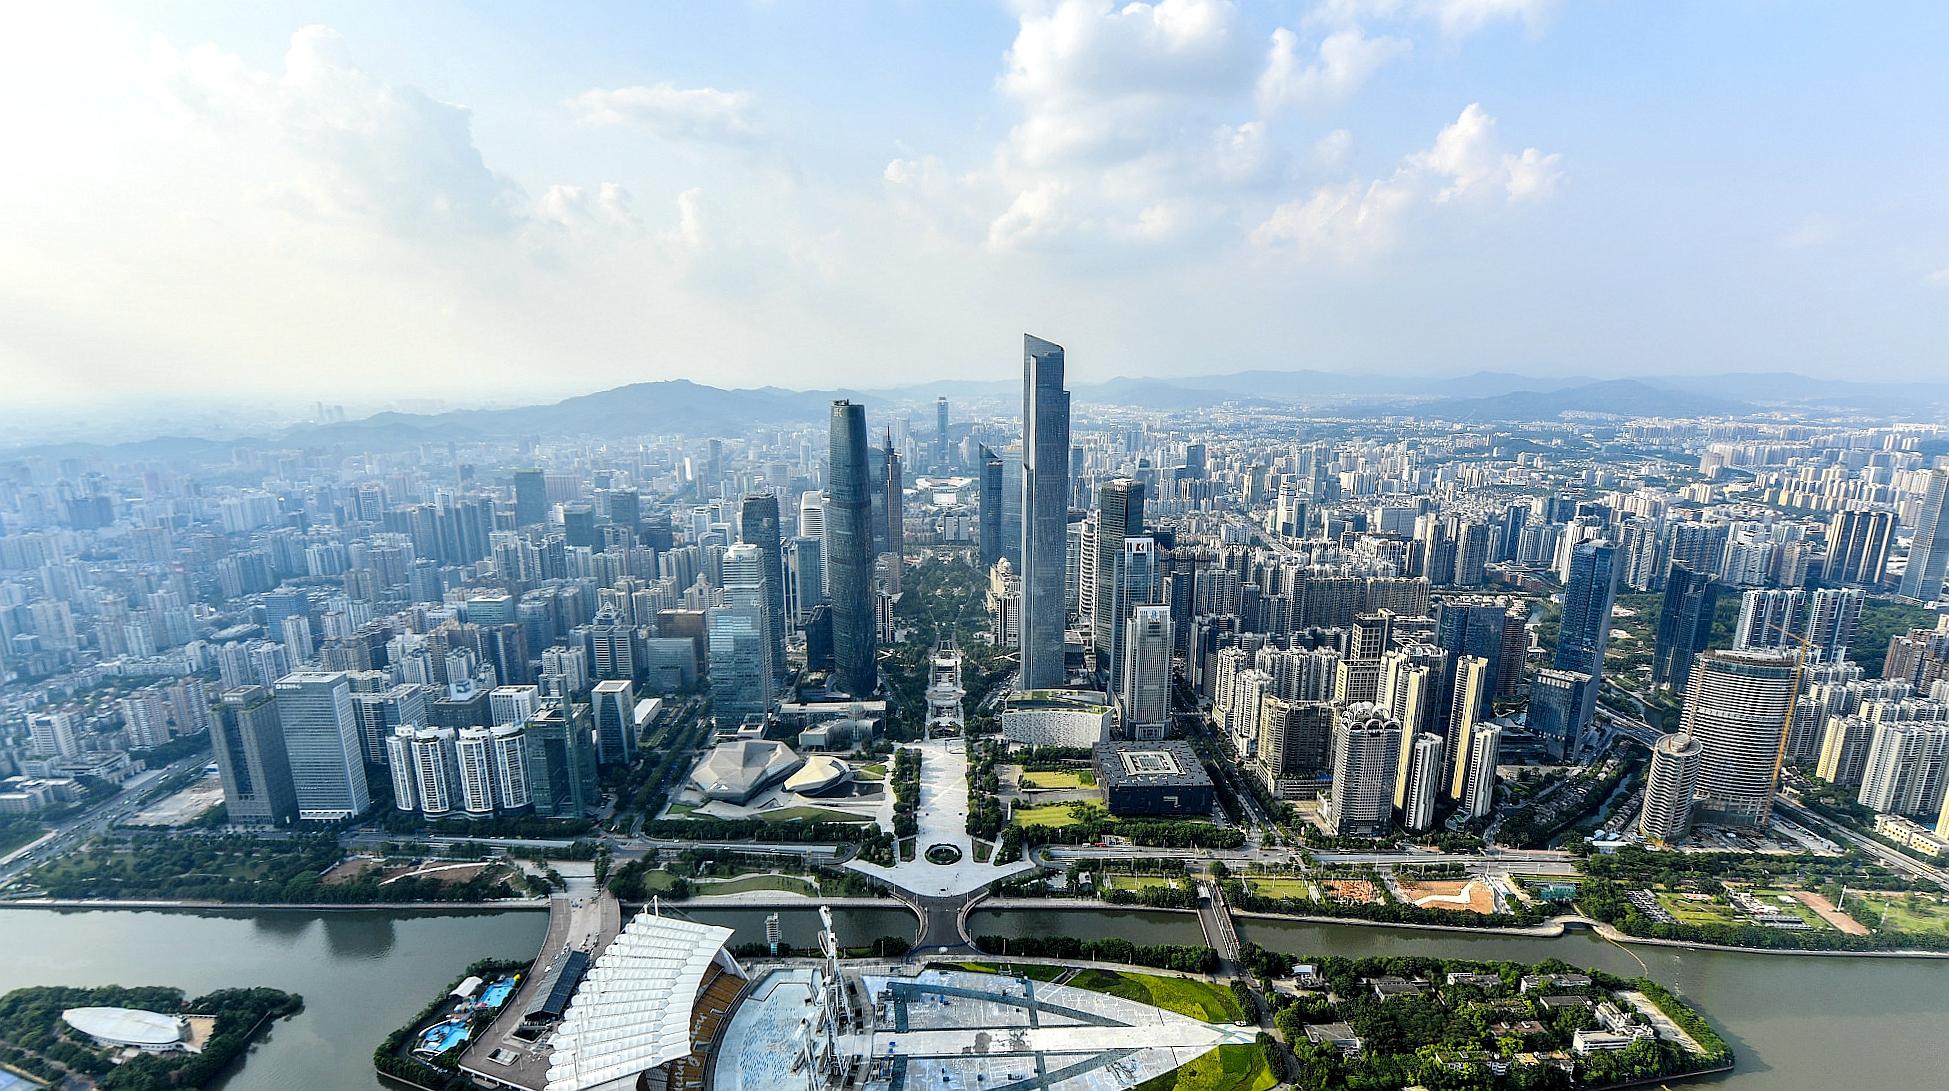 记者侧记|广州天河CBD 30年建成的全国第一中央商务区